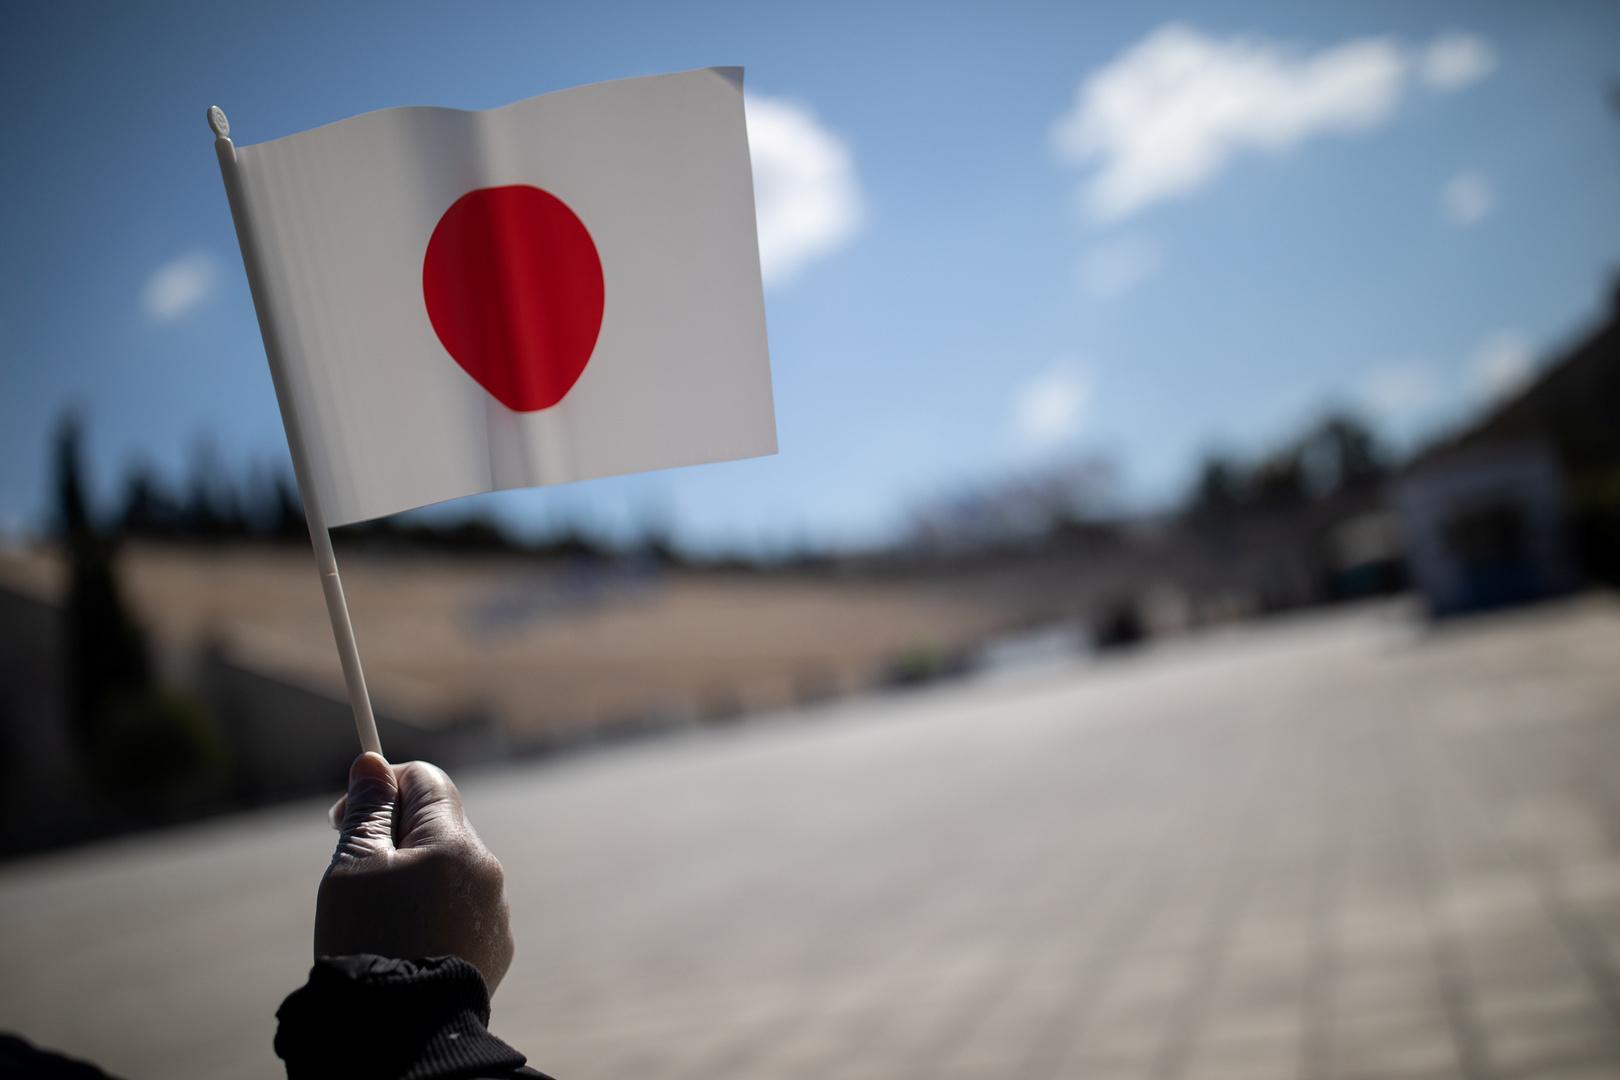 واشنطن تحذر رعاياها من السفر لليابان بسبب ارتفاع إصابات كورونا